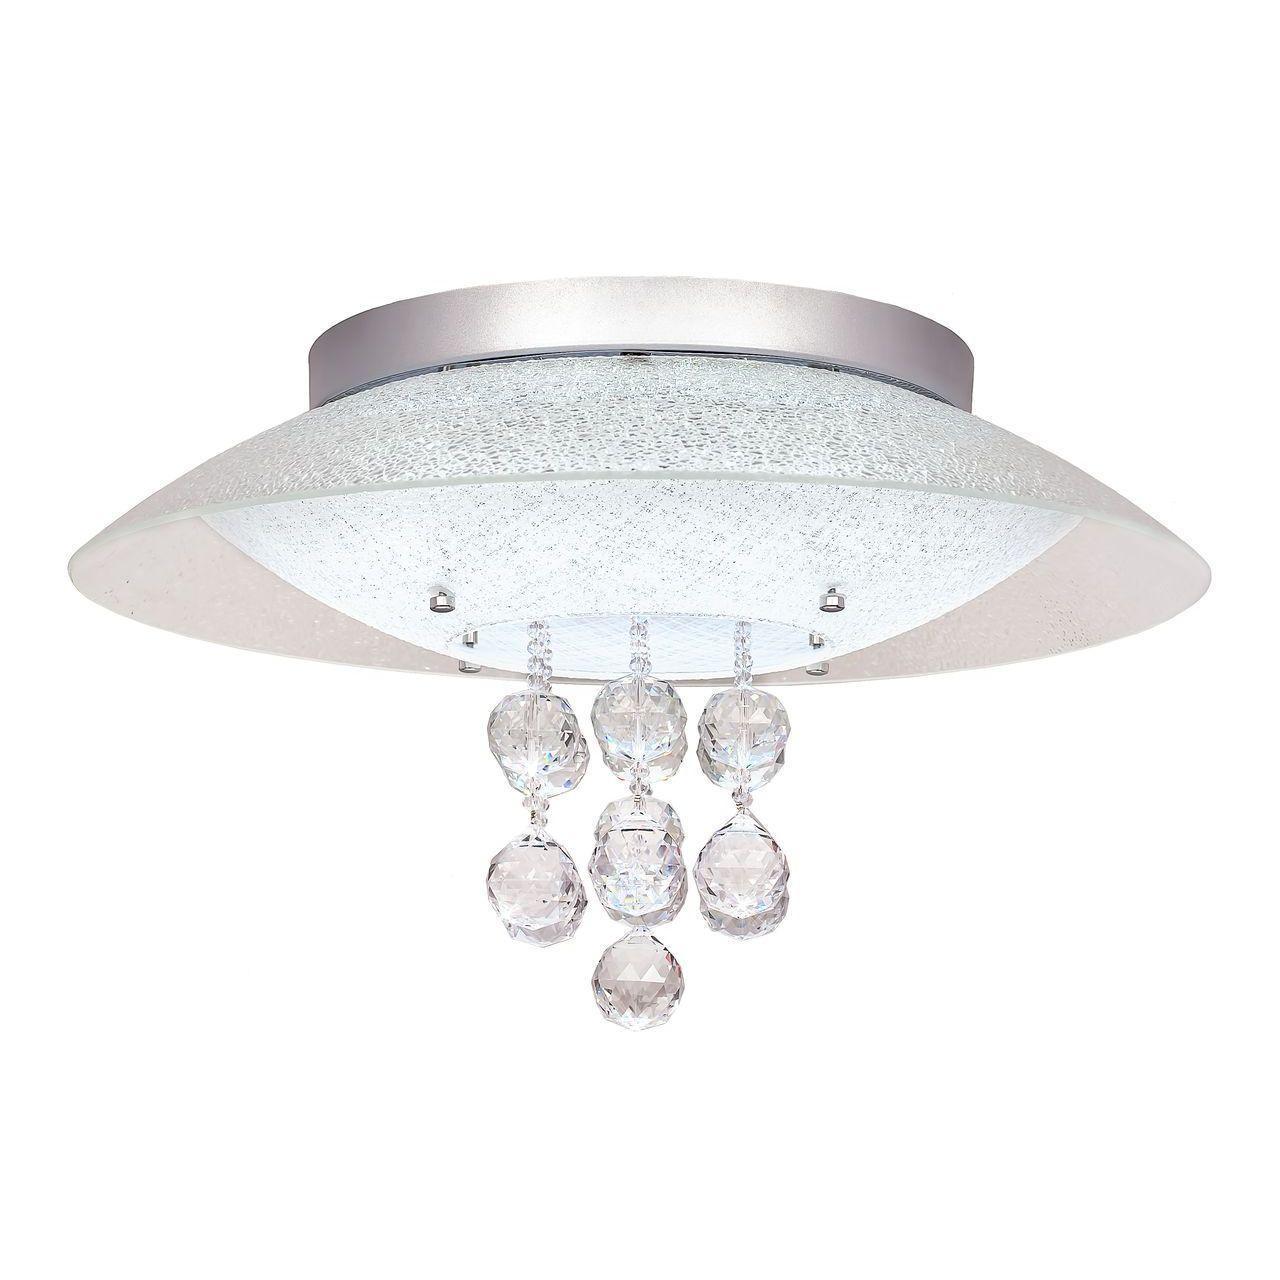 Потолочный светодиодный светильник Silver Light Diamond 845.50.7 navo electroplated diamond grinding heads silver 30 pcs